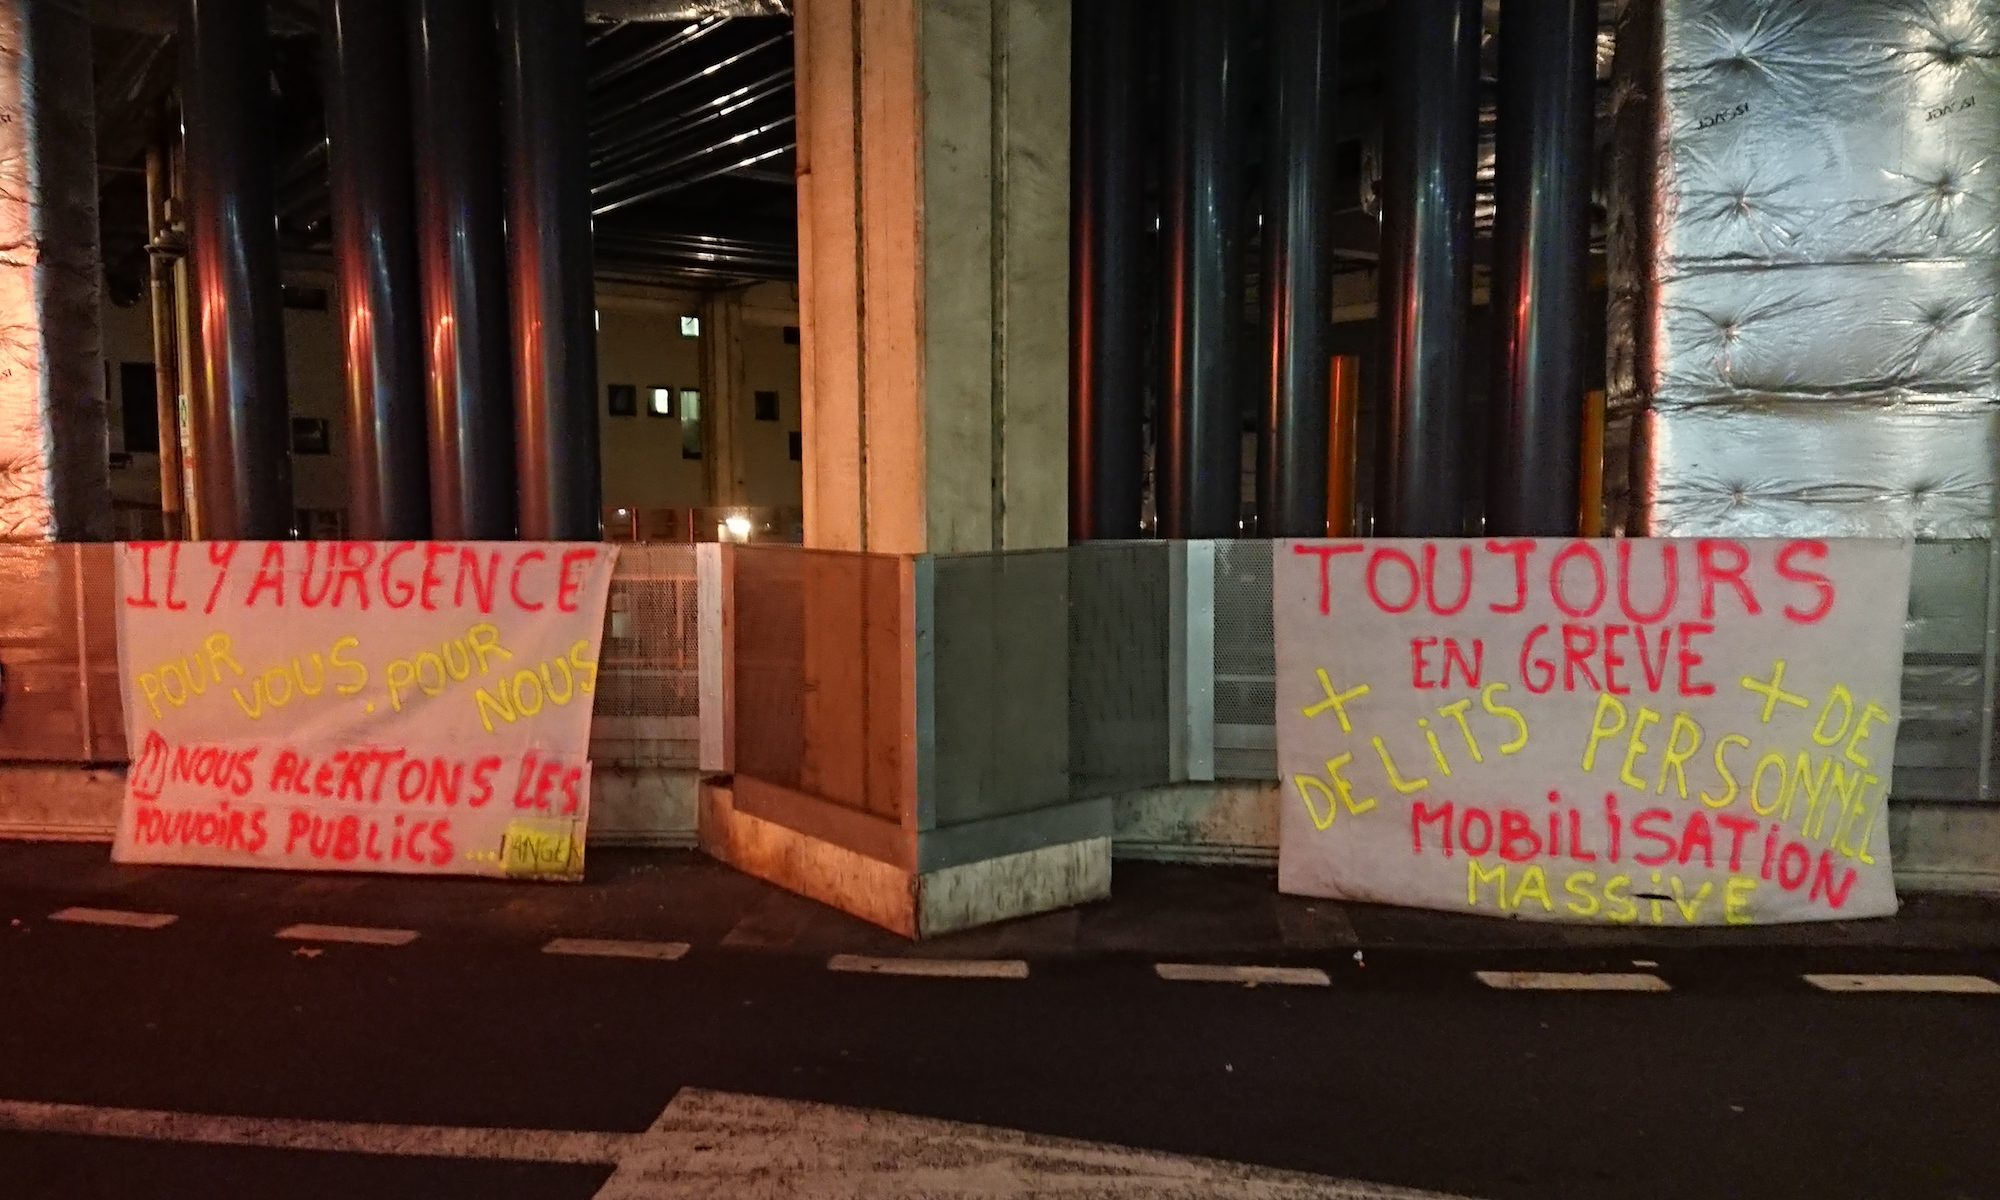 CHU de Nantes. Service des urgences en grève. Novembre 2019. Photo : CC-by-nc-sa équipe Michelle Meunier